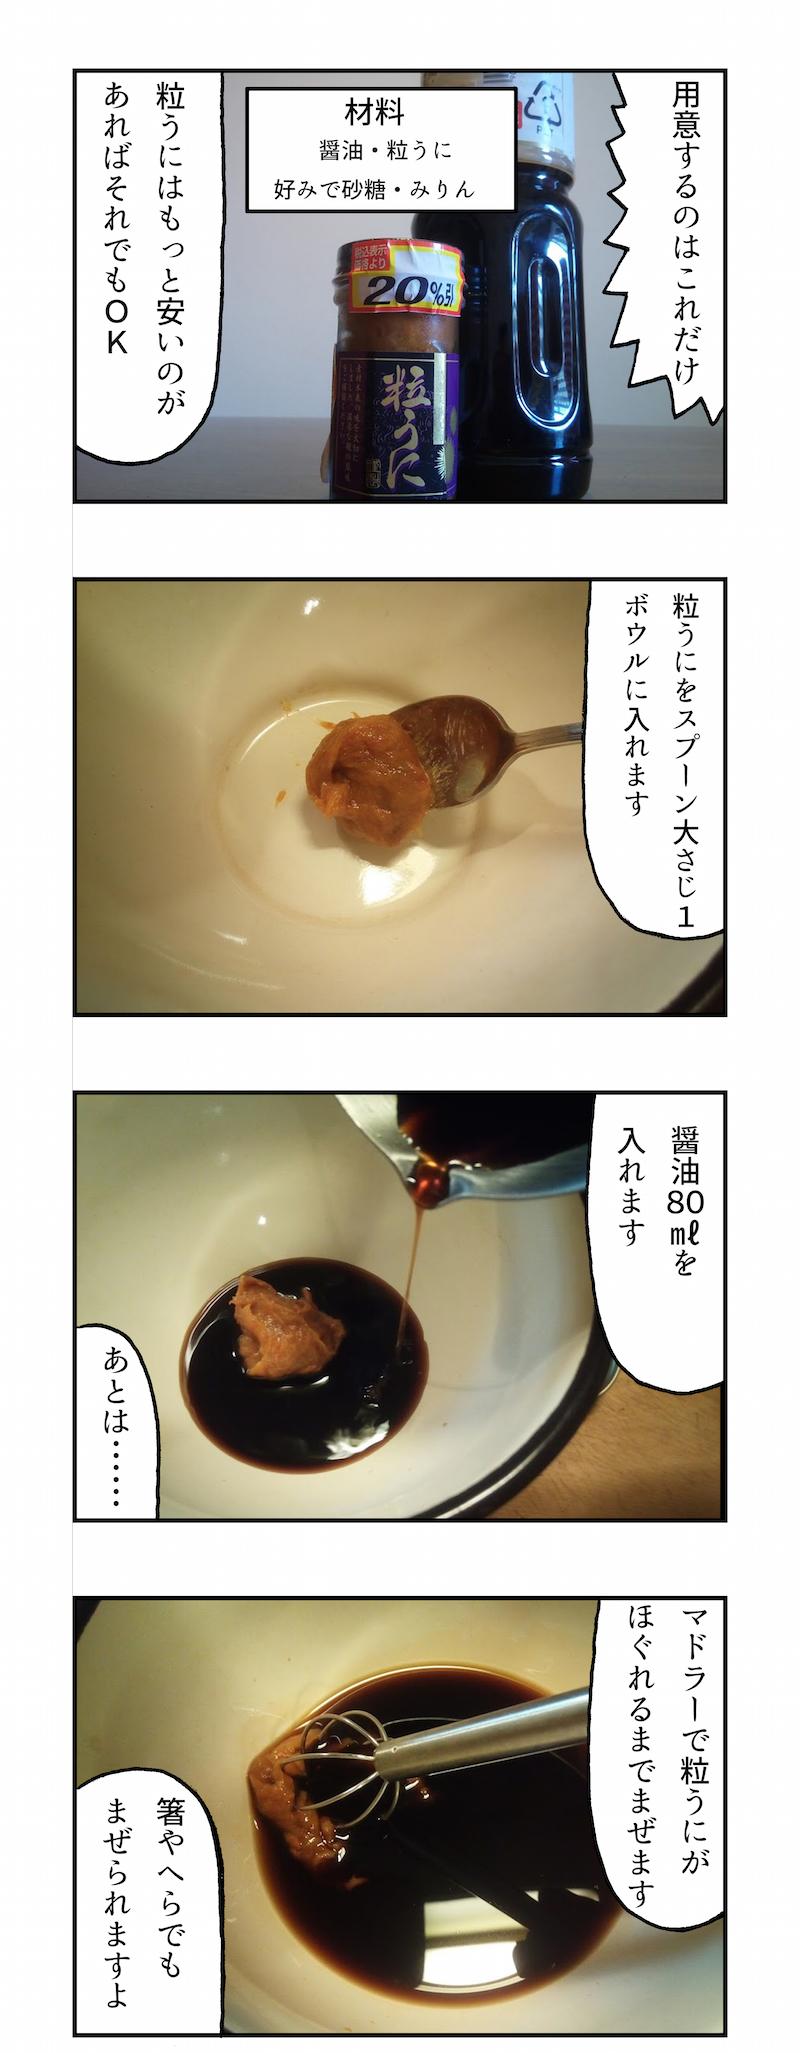 f:id:Meshi2_IB:20170608123241j:plain